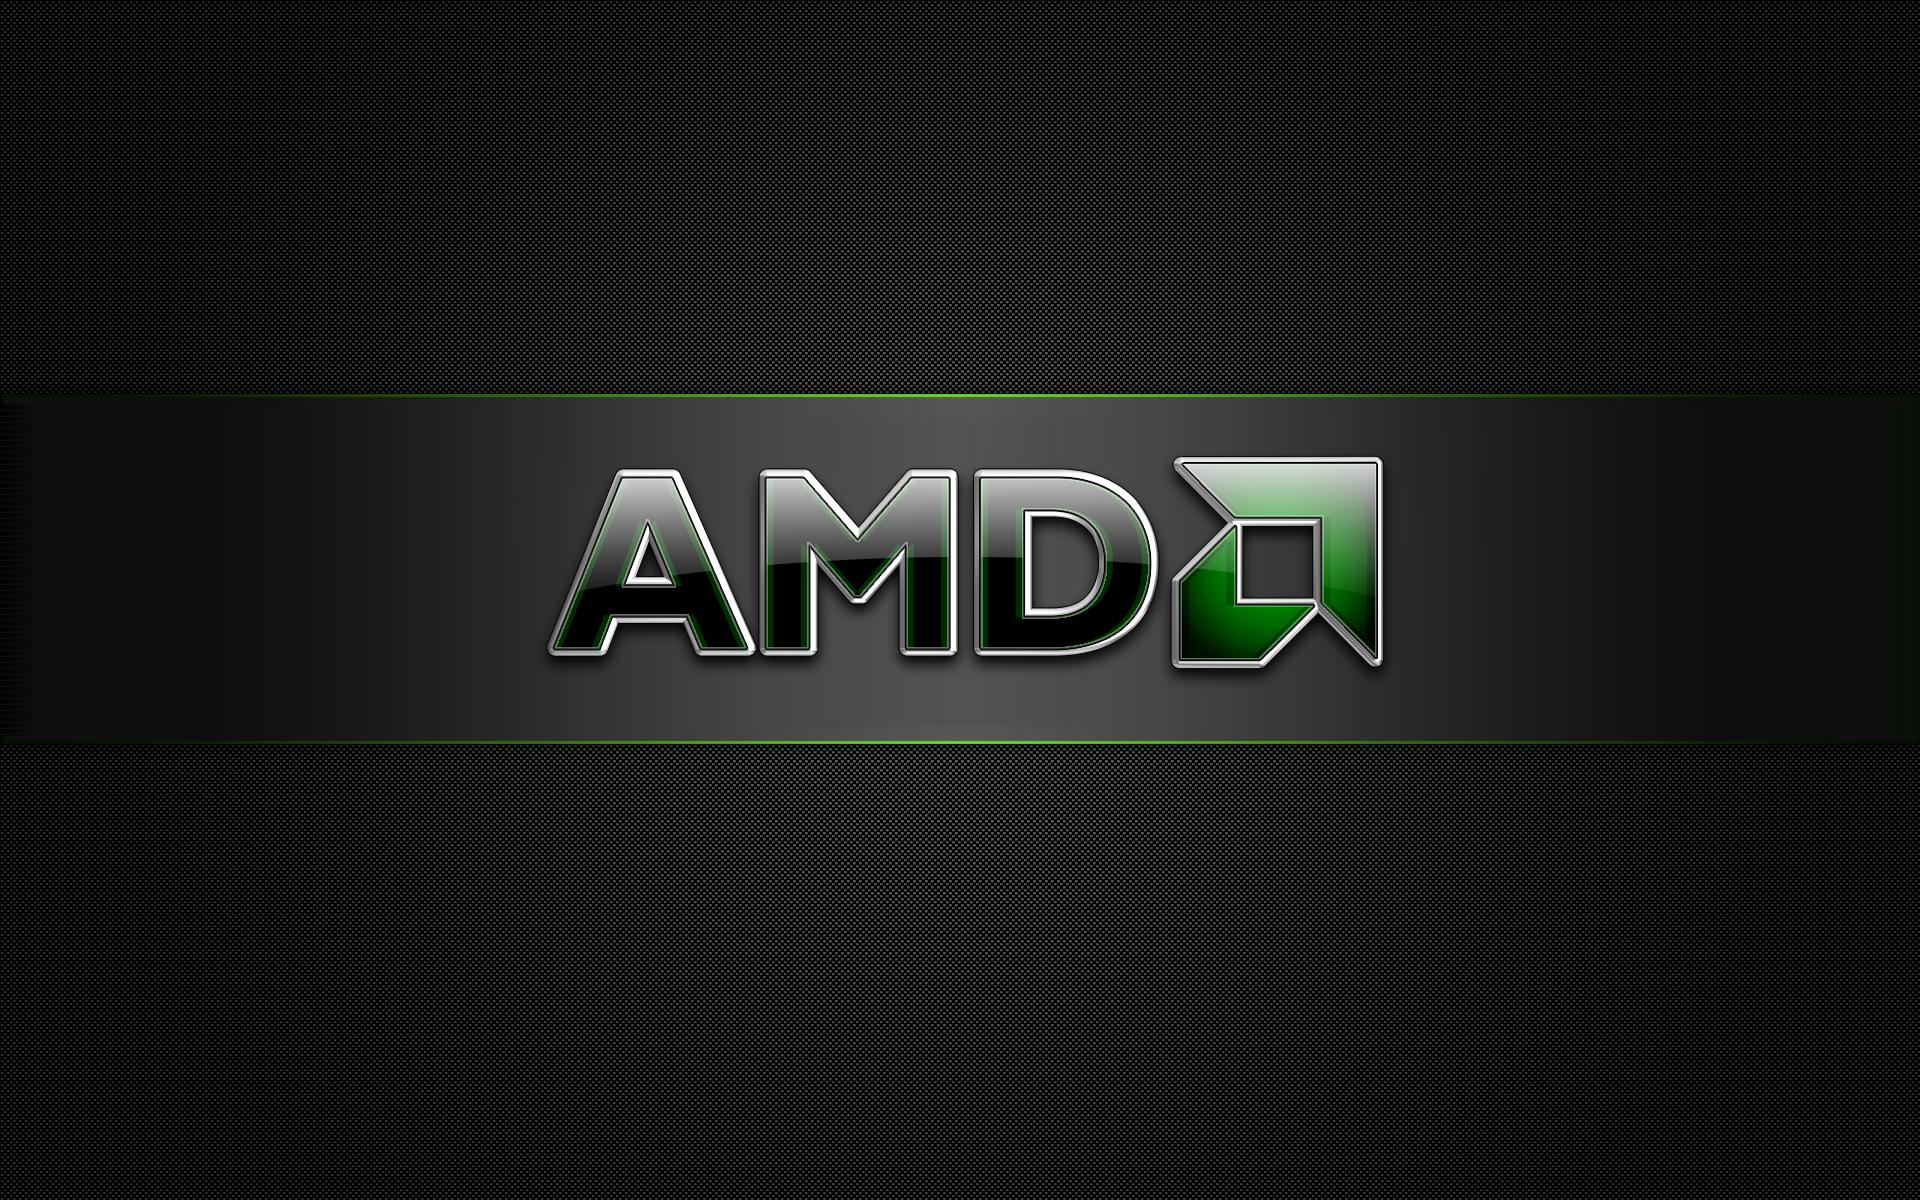 amd_5_by_mullet-d3f9vc6.jpg